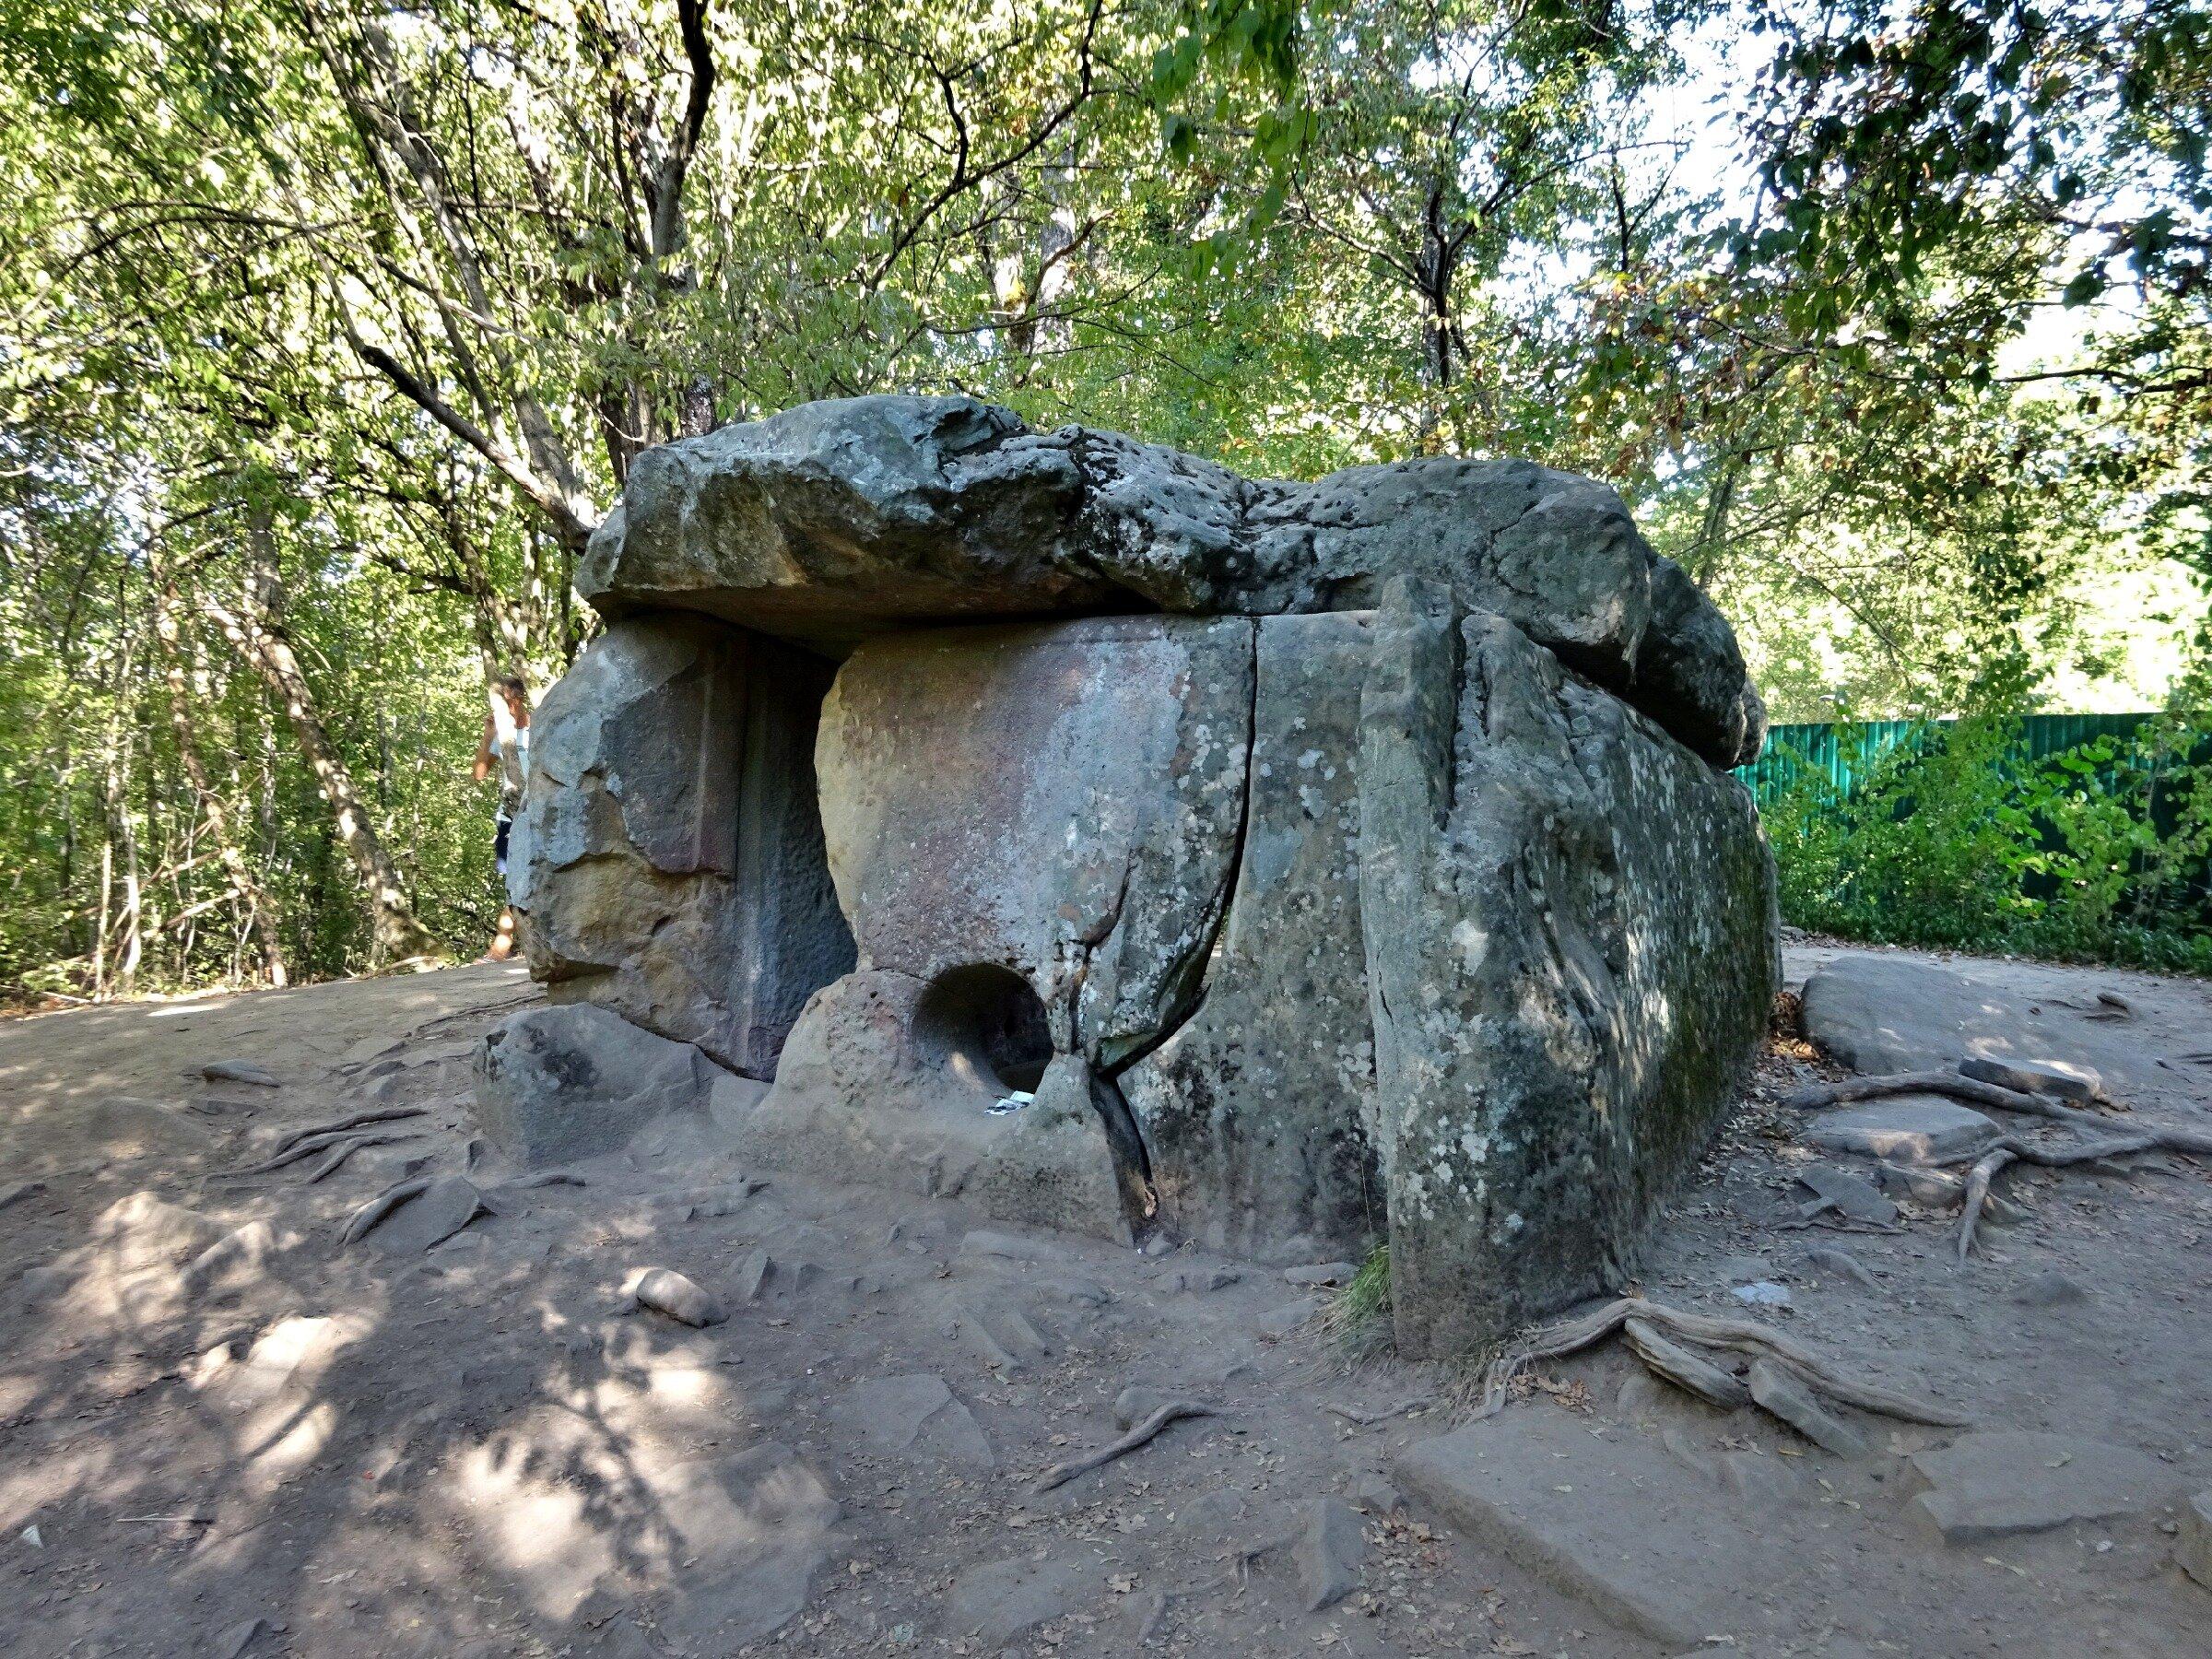 Поездка к Грозовым Воротам. Гора Абин. Начало — дольмен, водопад, горы…